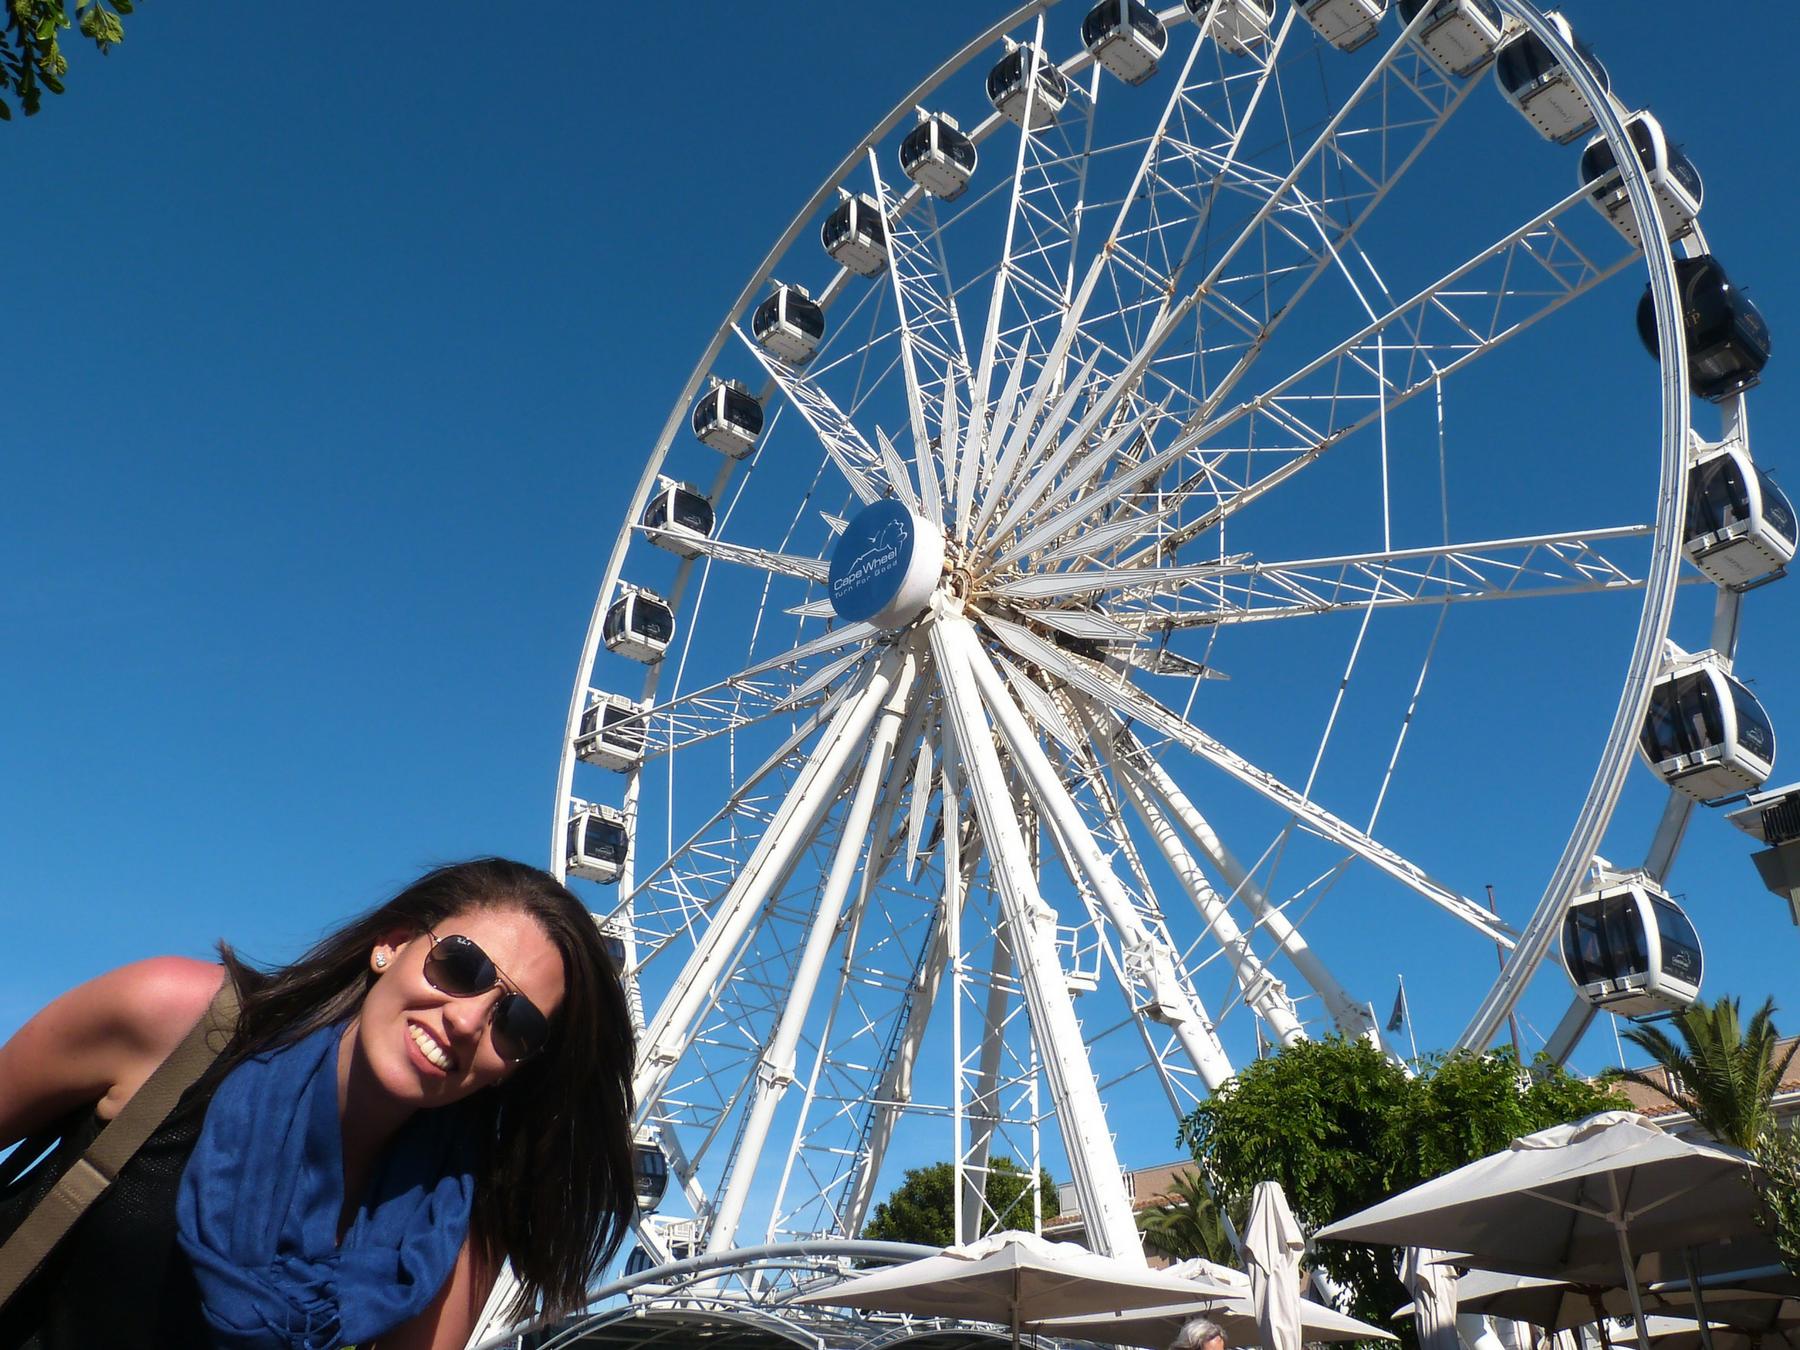 Roteiro-Cidade-do-Cabo-4-a-7-dias-vA-watefront Roteiro Cidade do Cabo 4 a 7 dias (Sensacional)!